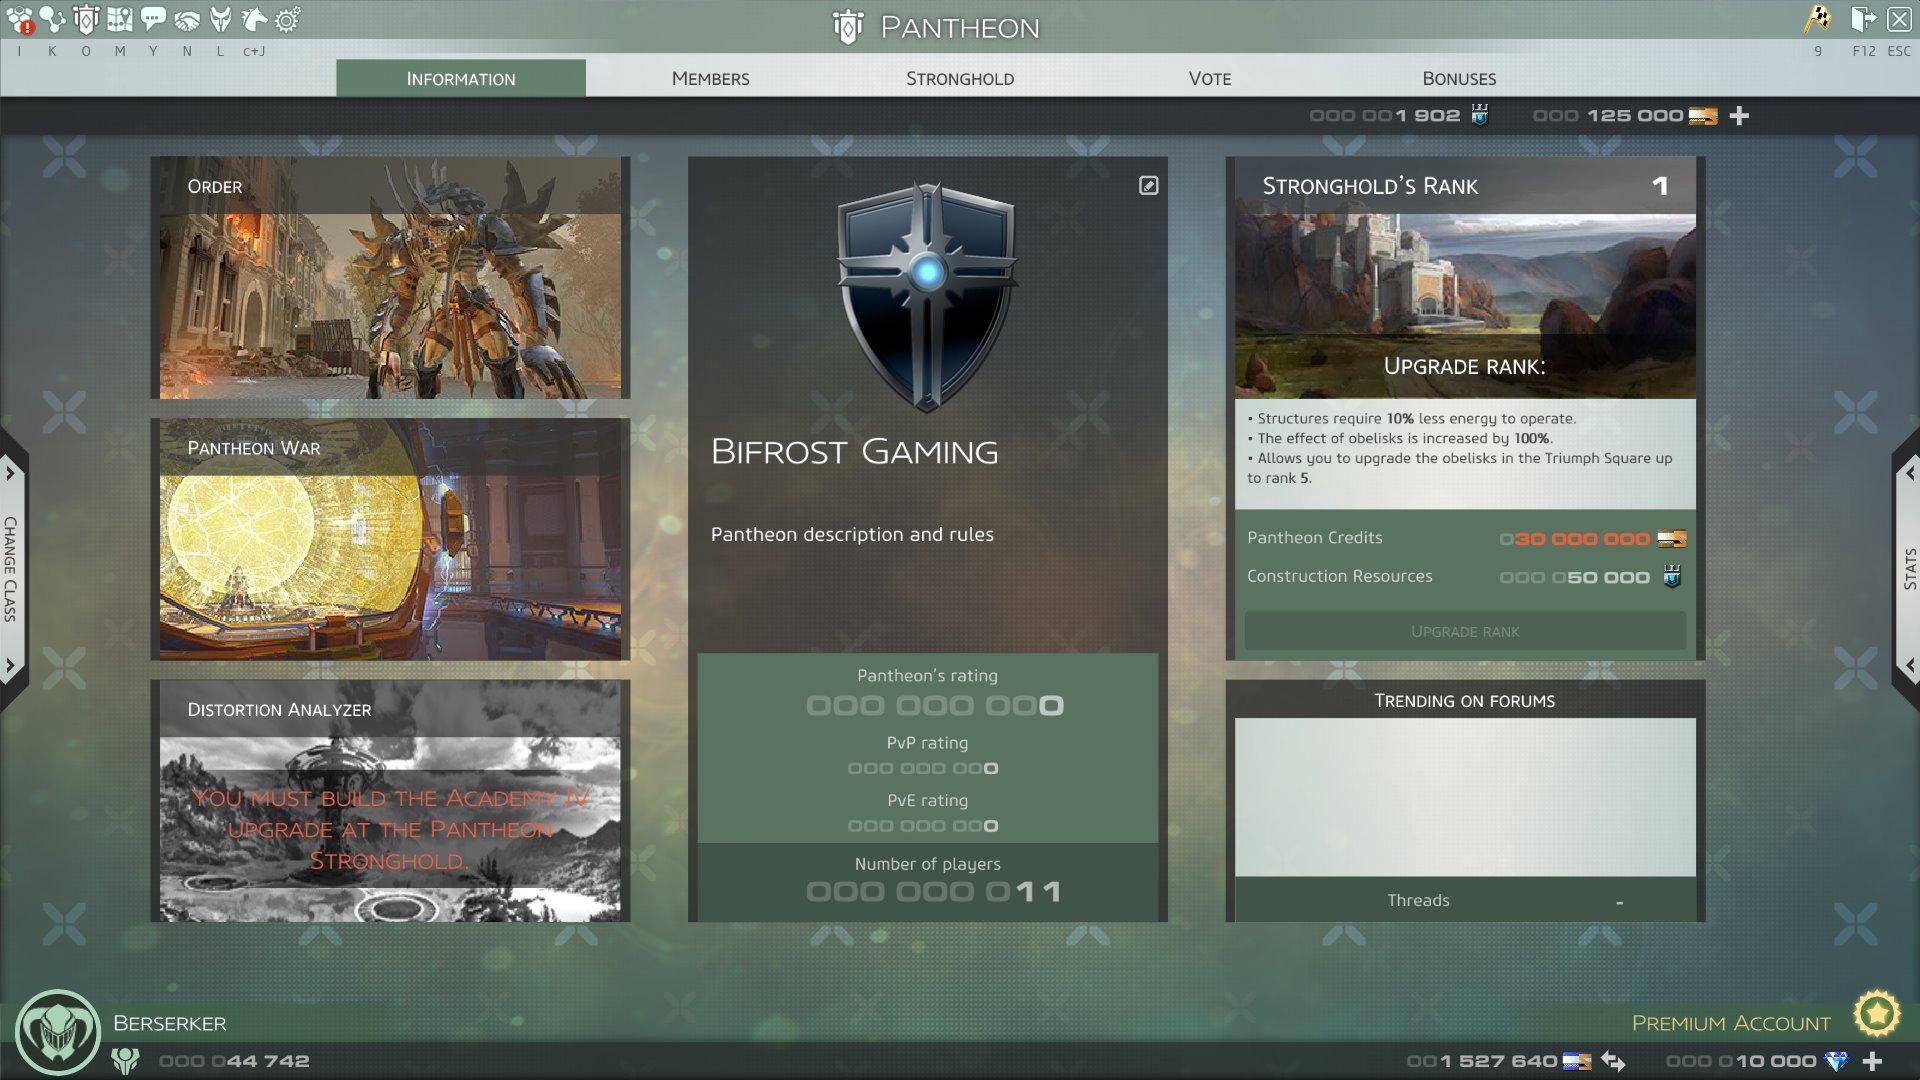 Informations Skyforge -  Pantheon